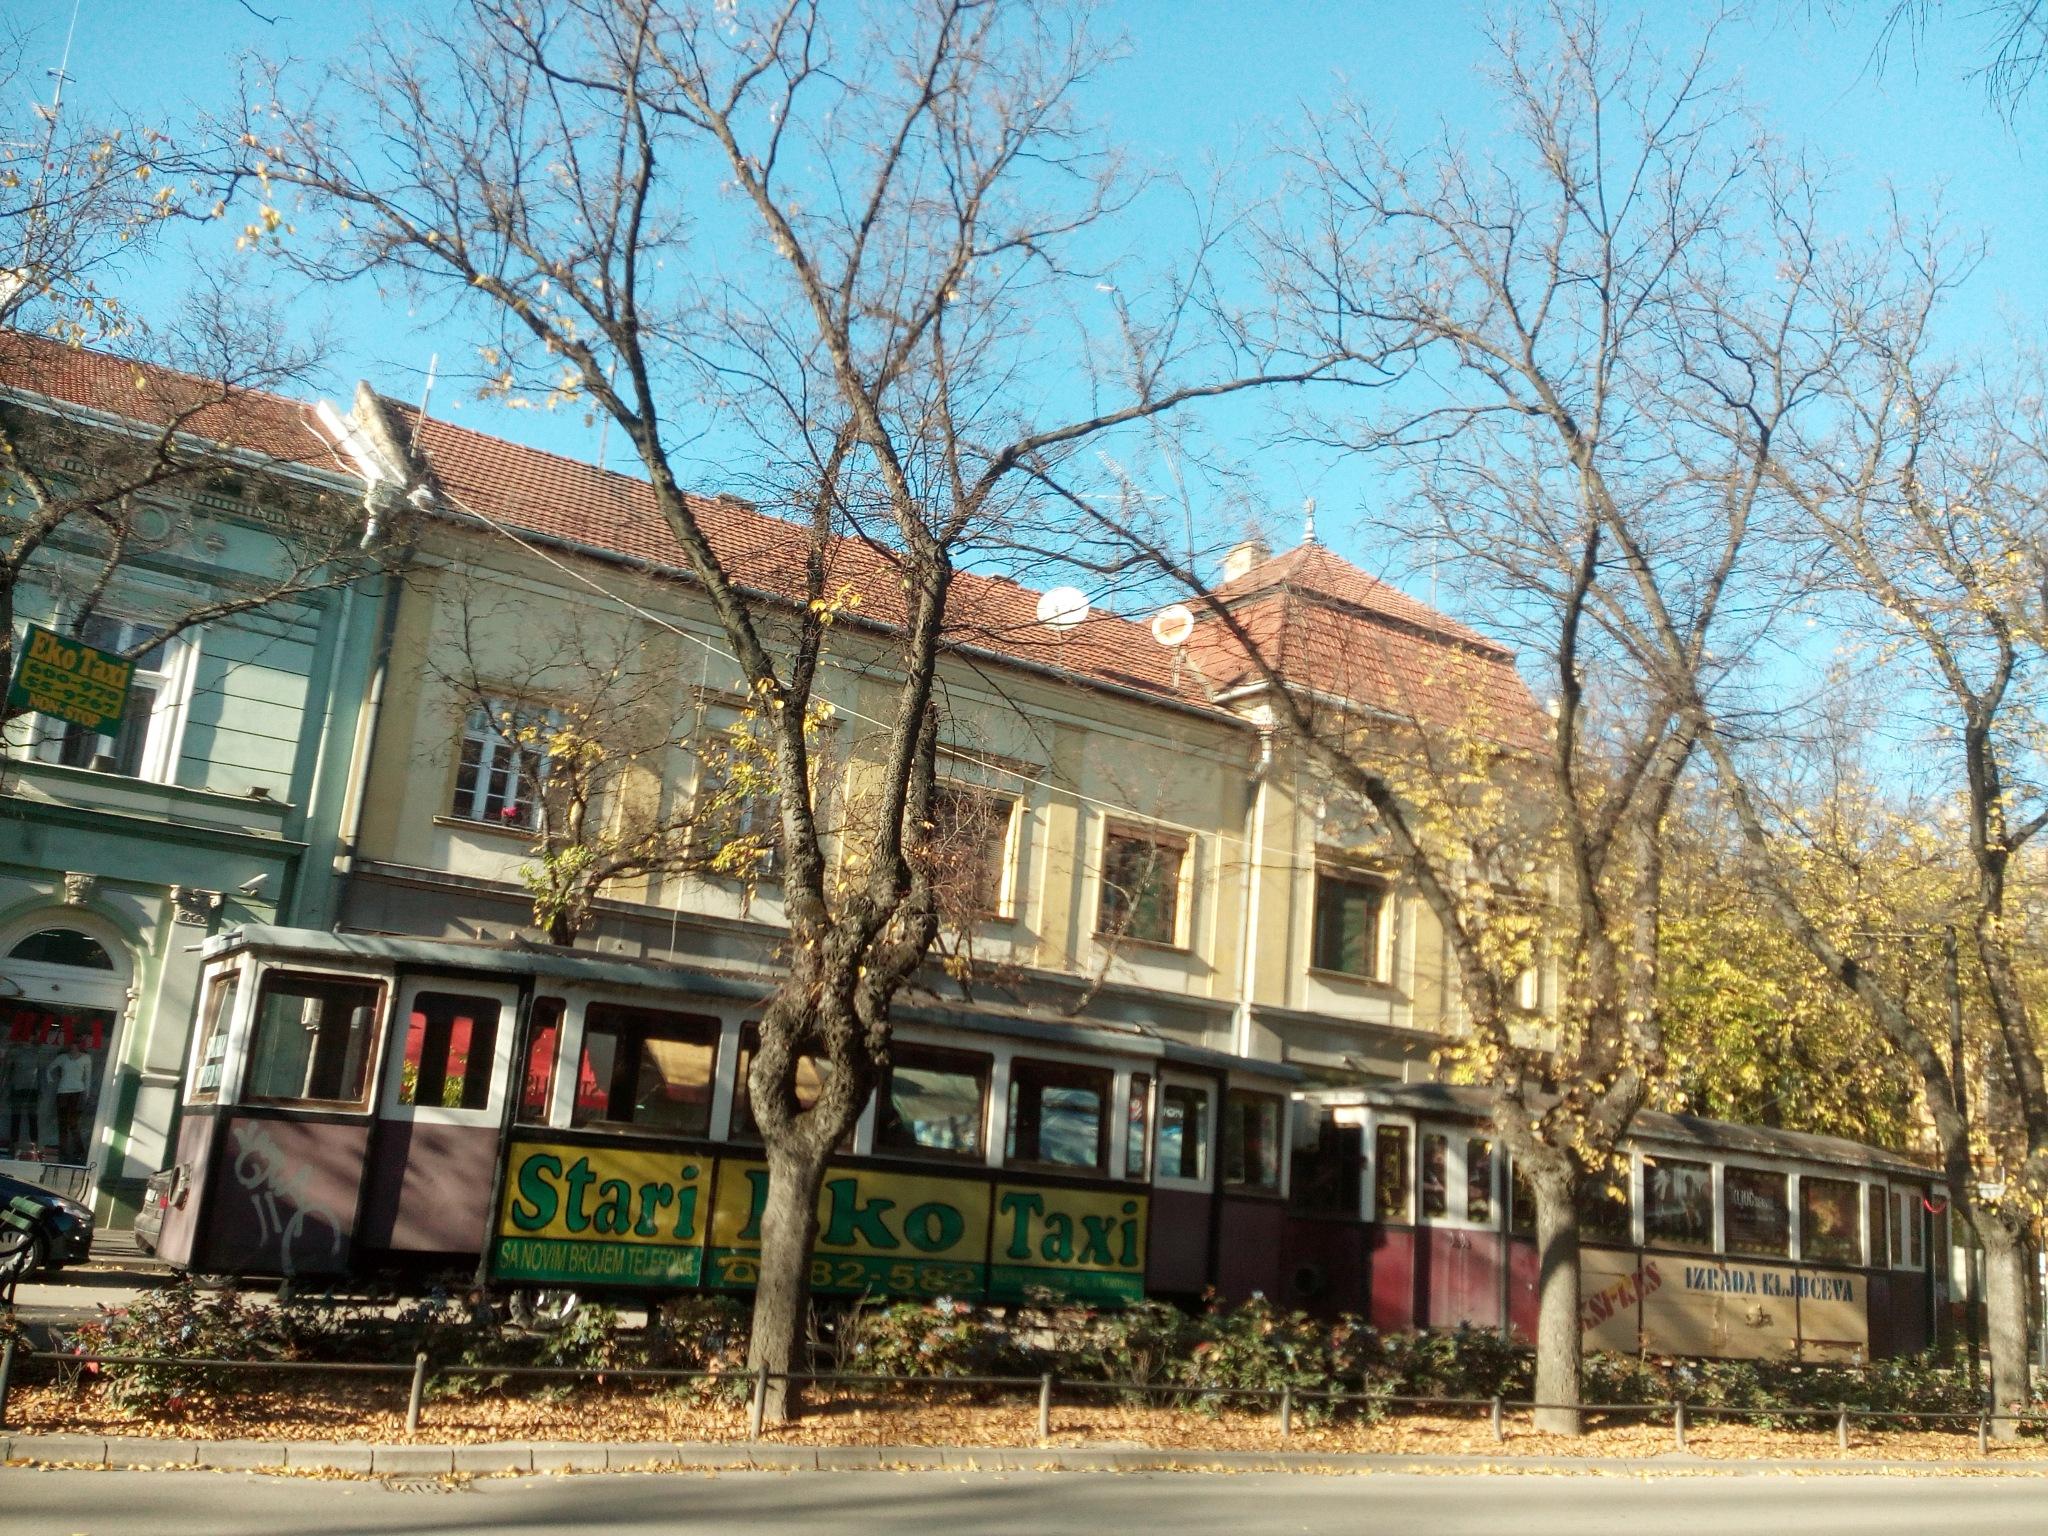 Stari tramvaj by Minja